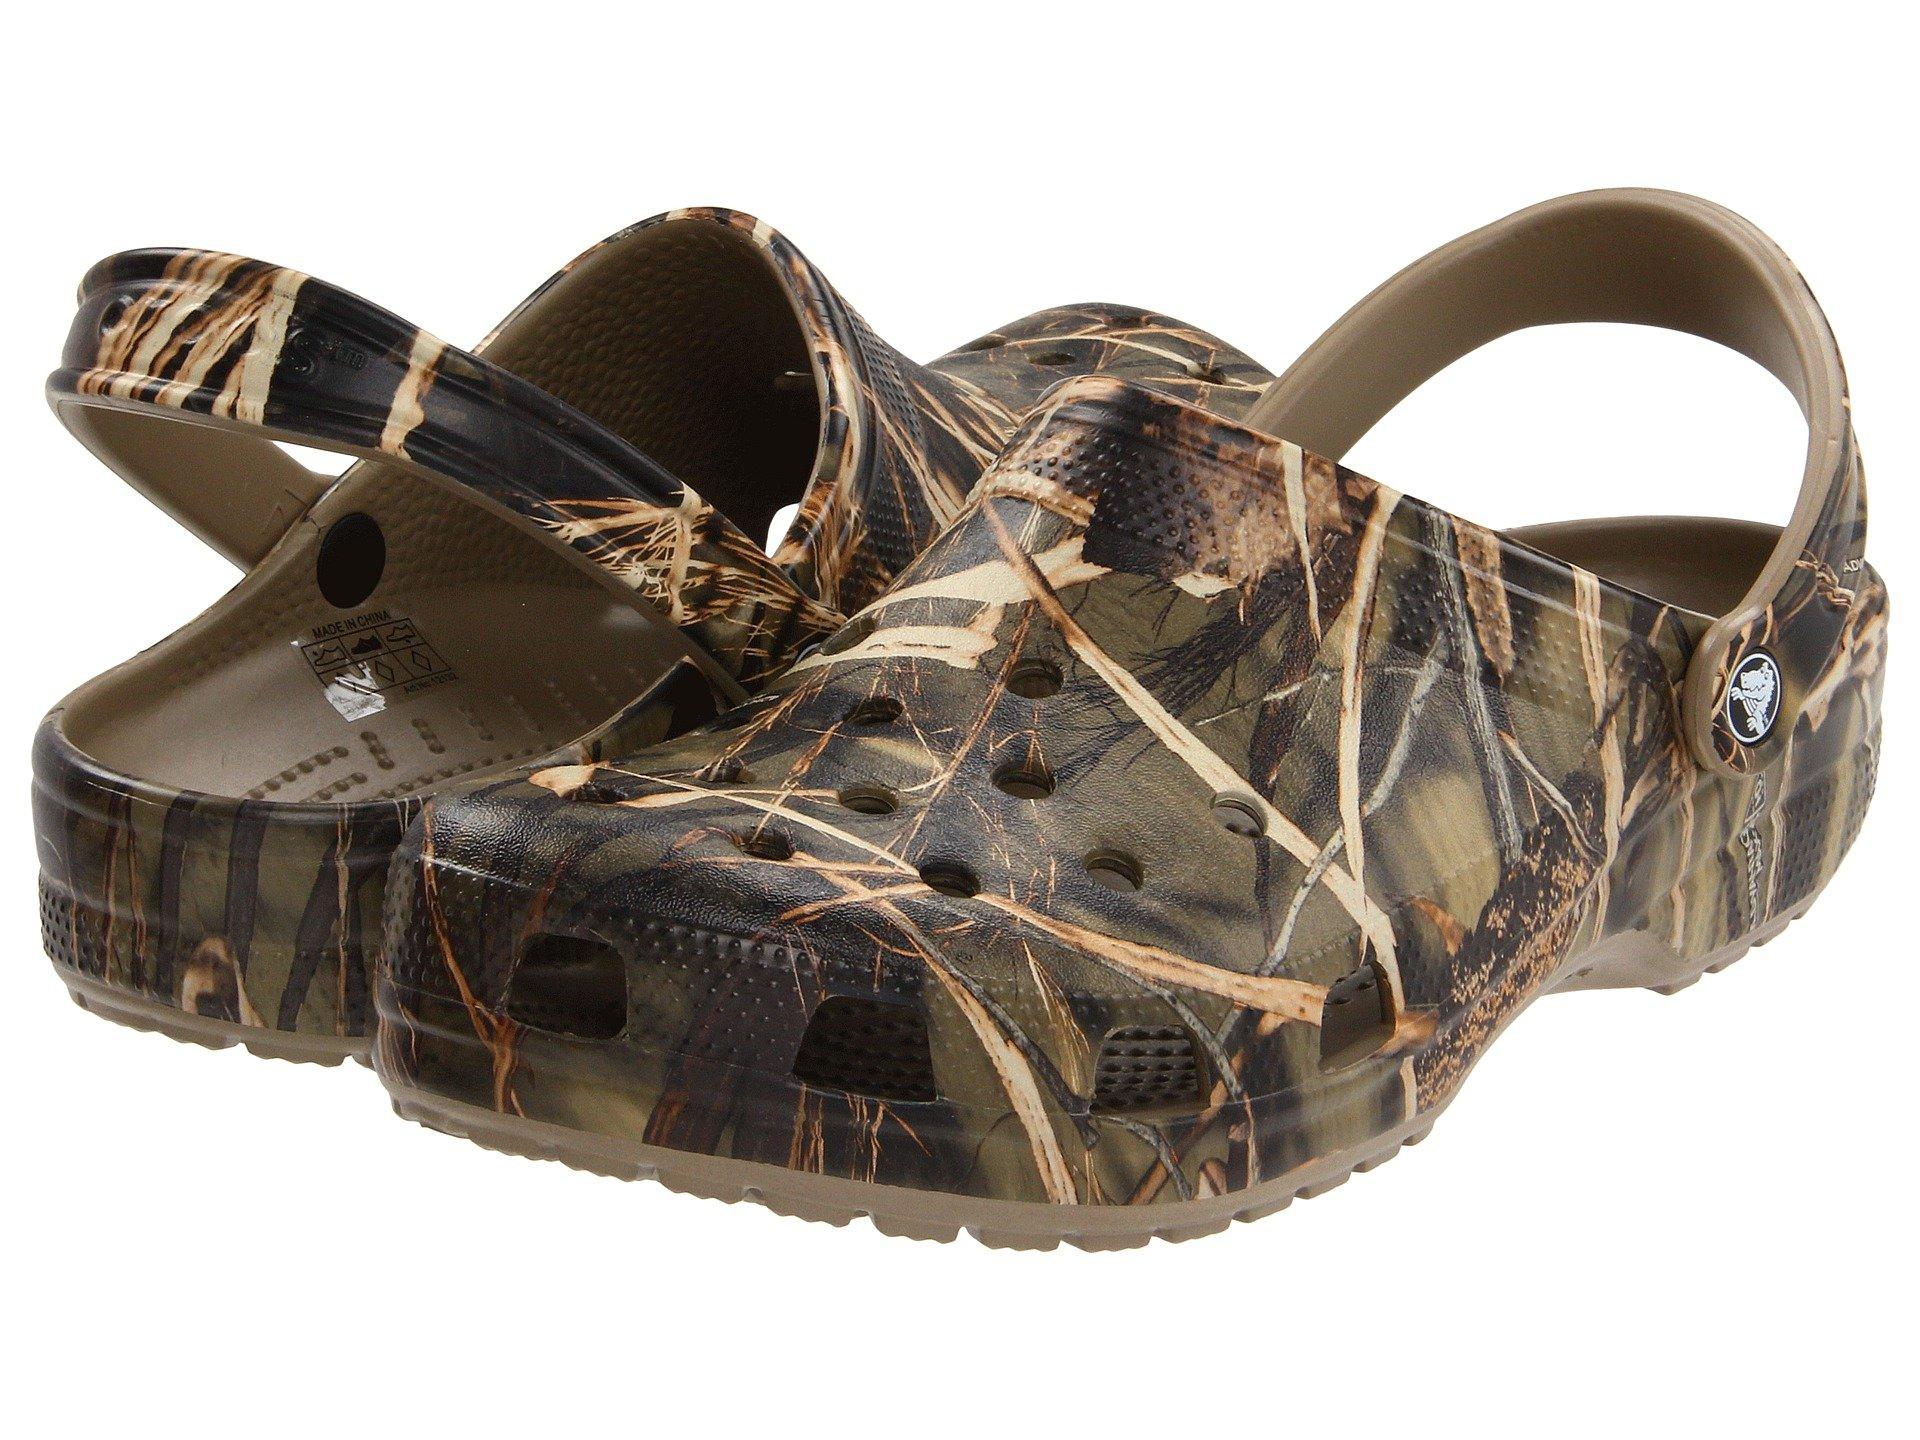 9da97259d Men s Crocs Shoes + FREE SHIPPING